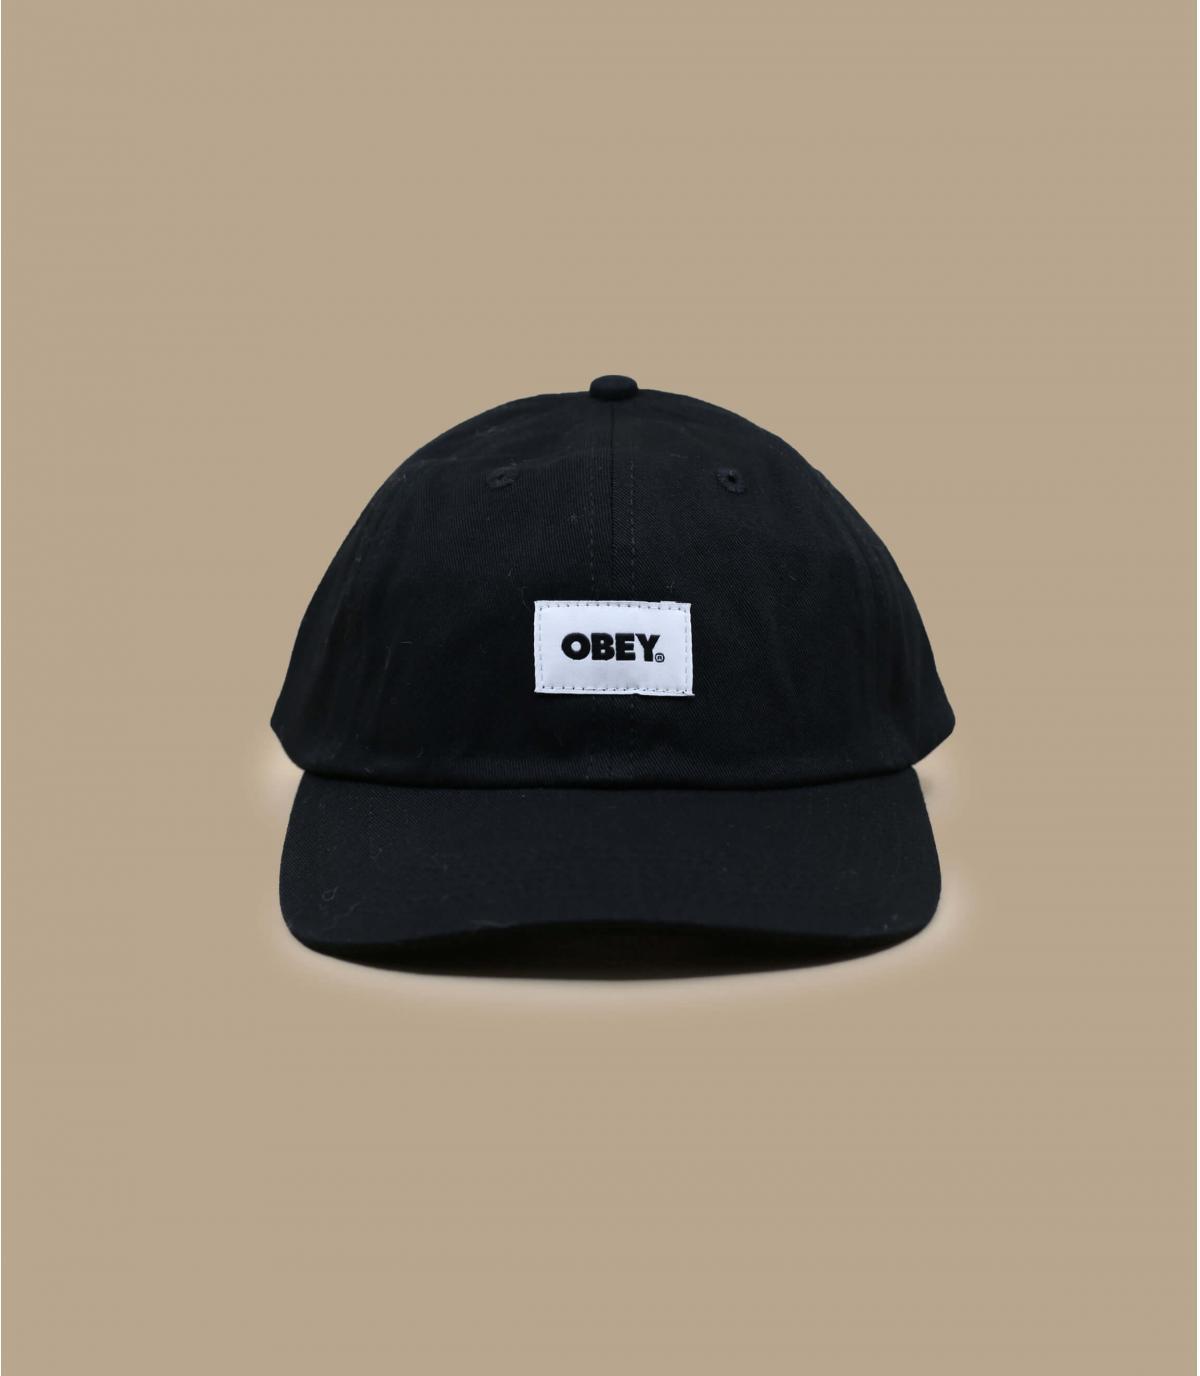 casquette Obey noir bio